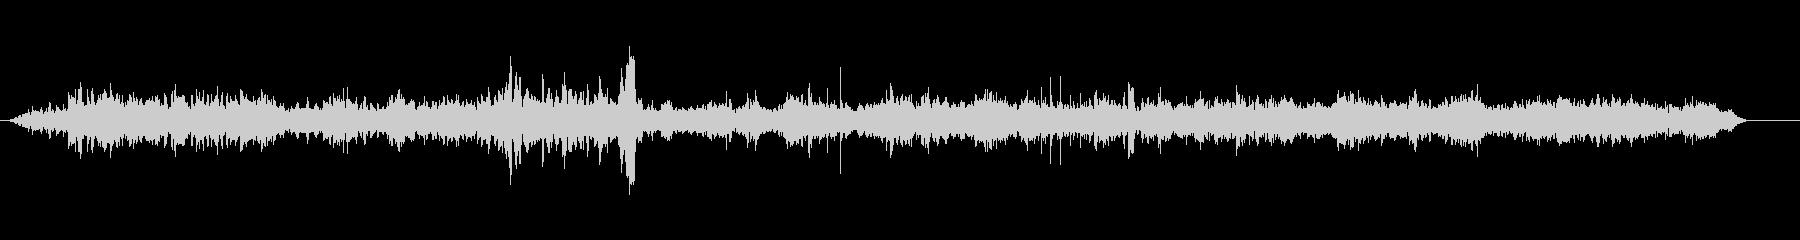 カーバンV8_ride-Mediu...の未再生の波形